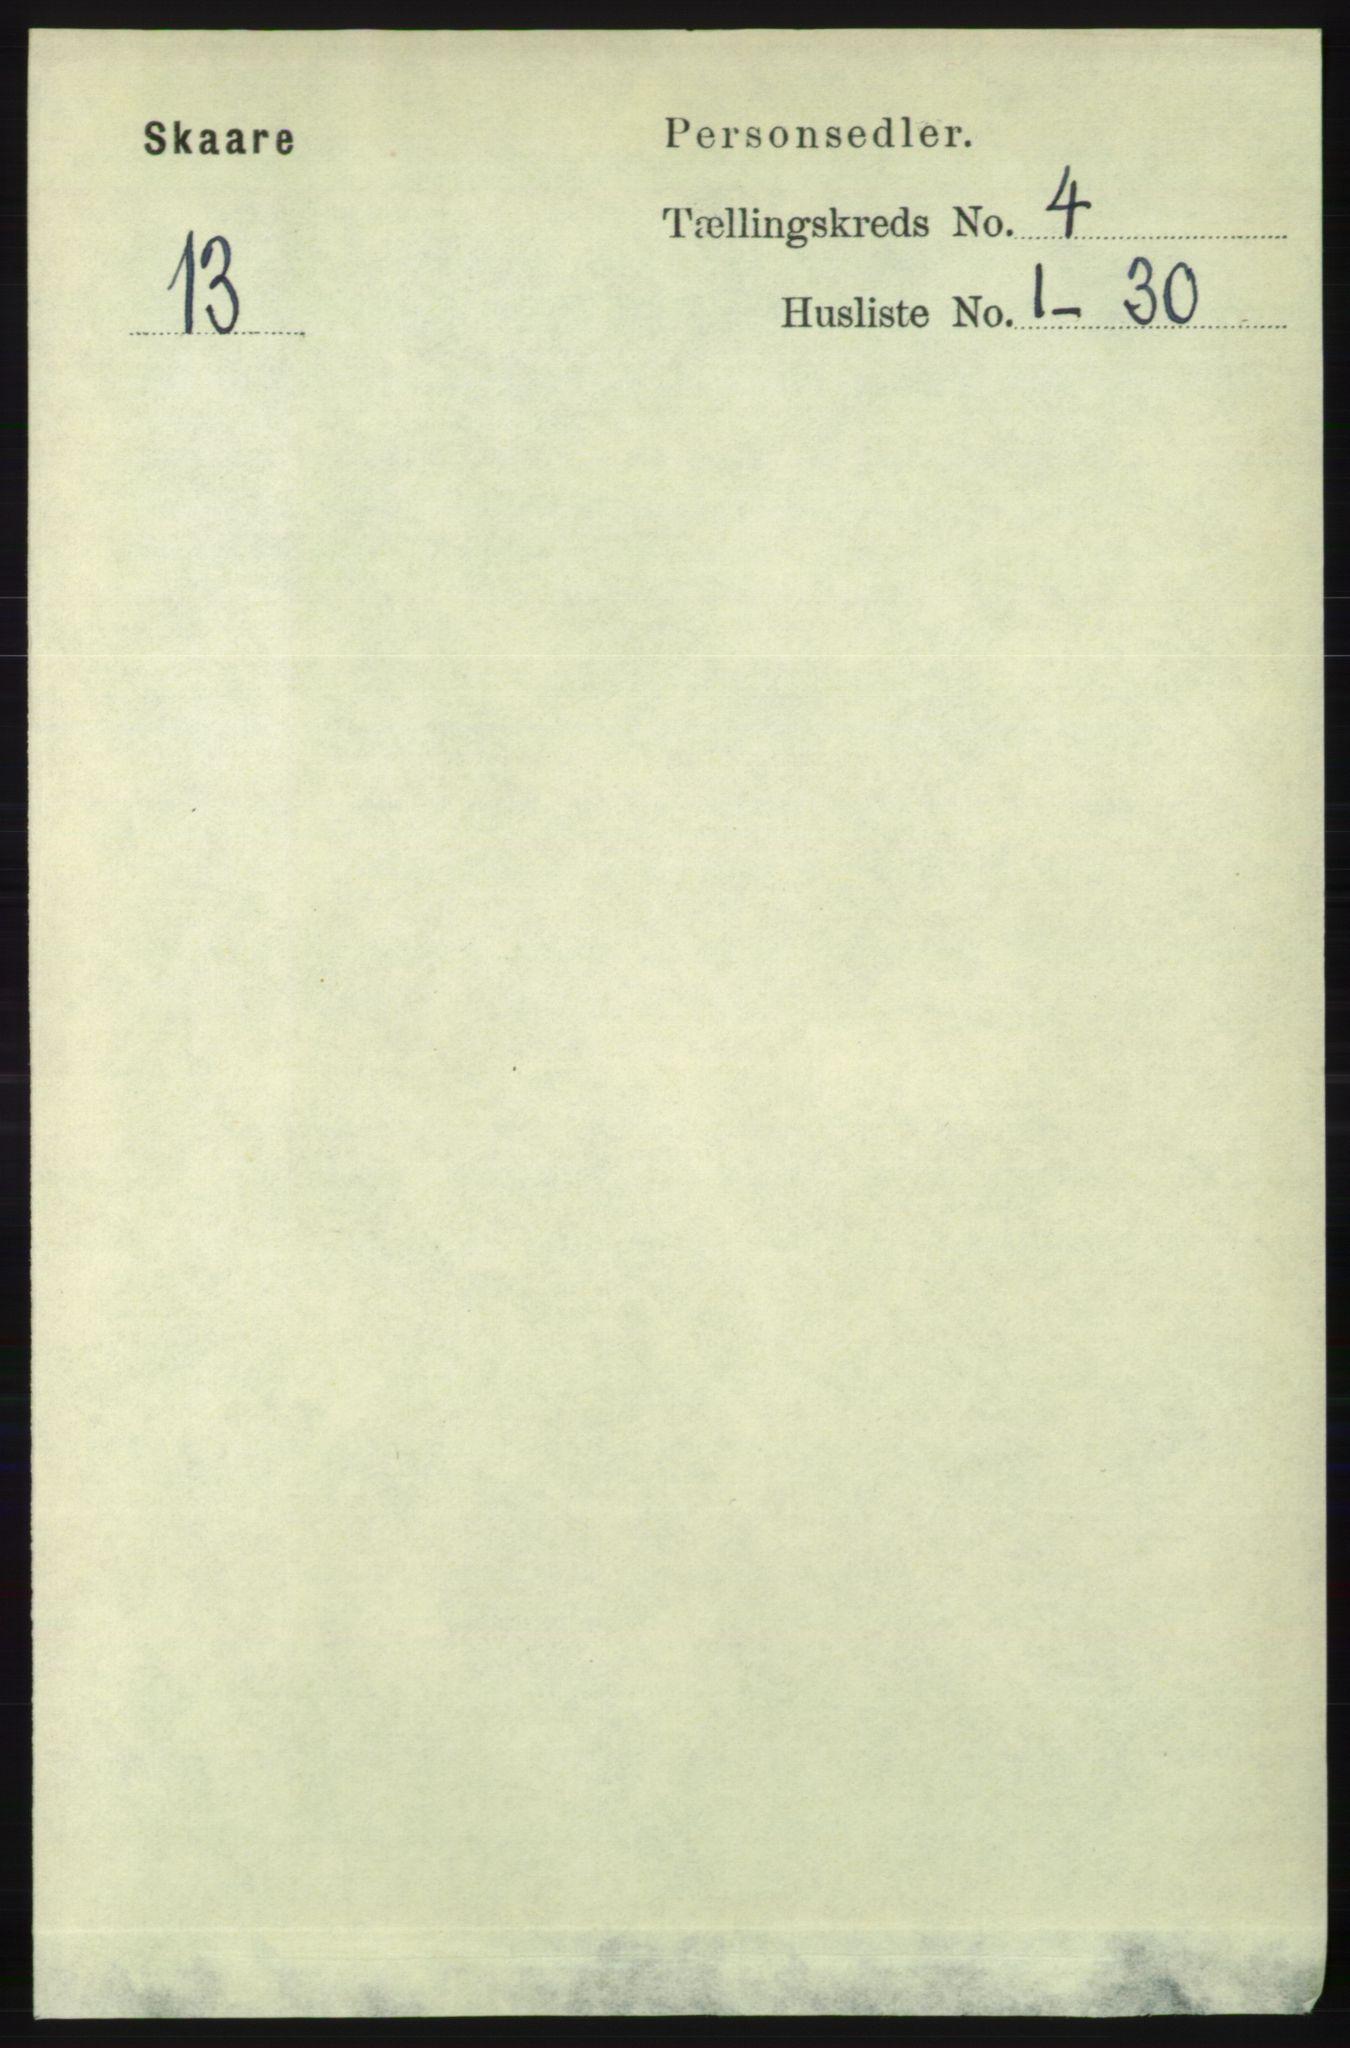 RA, Folketelling 1891 for 1153 Skåre herred, 1891, s. 1753